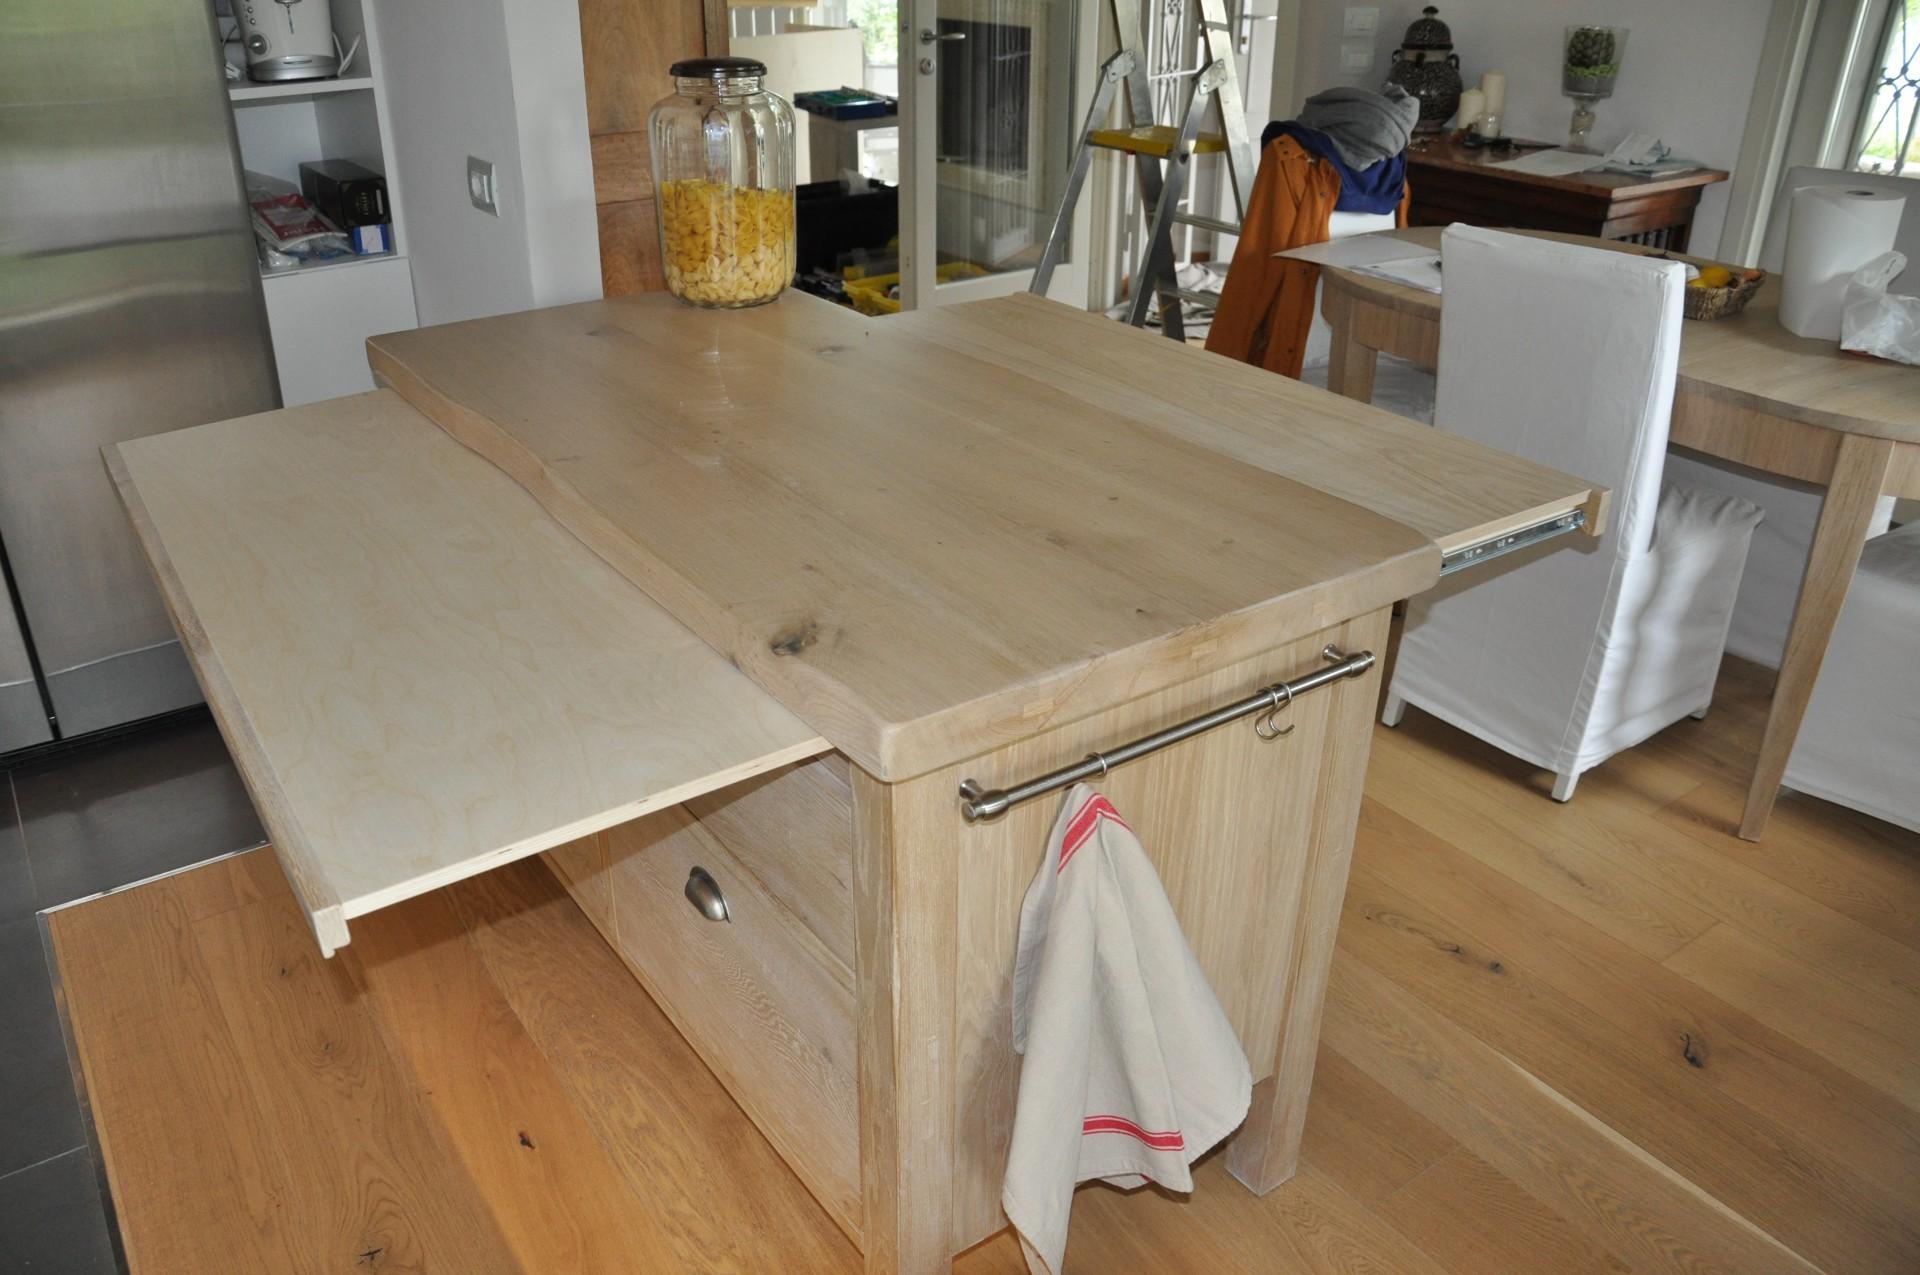 Bancone In Legno Costruito Artigianalmente : Banconi e isole per cucina fadini mobili cerea verona